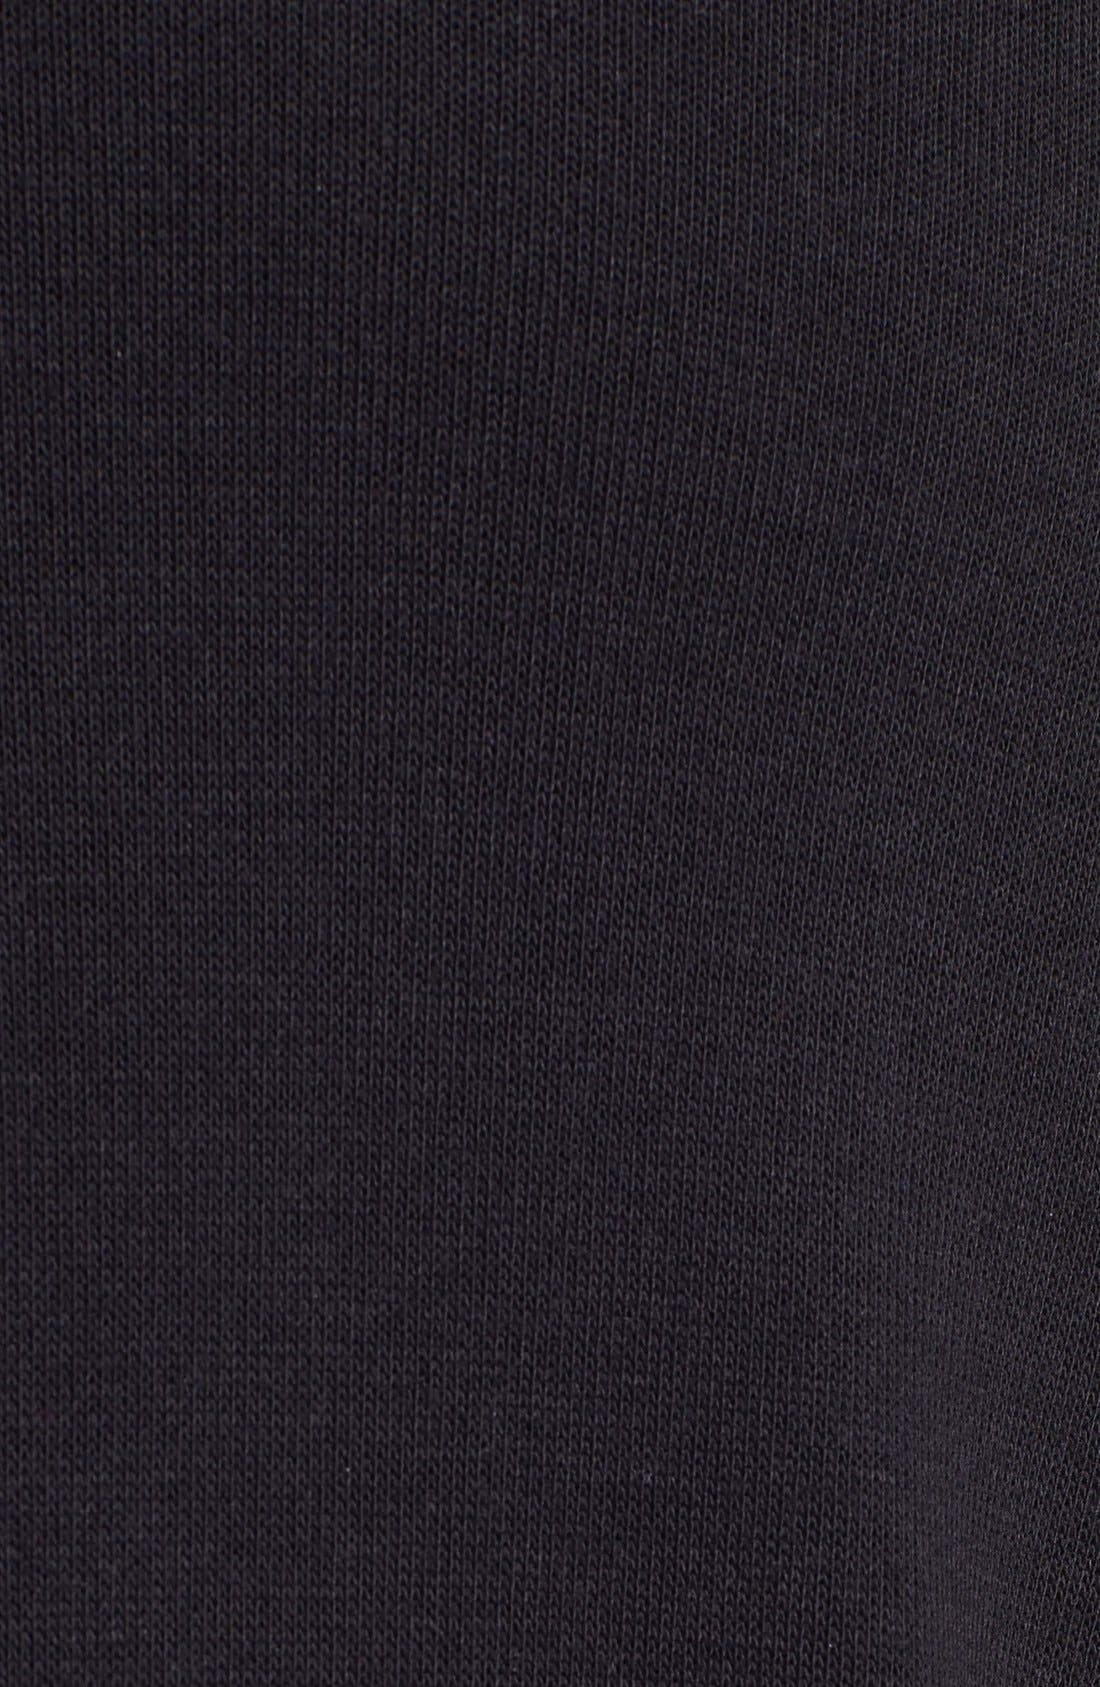 Alternate Image 3  - One Rad Girl Maxi Skirt